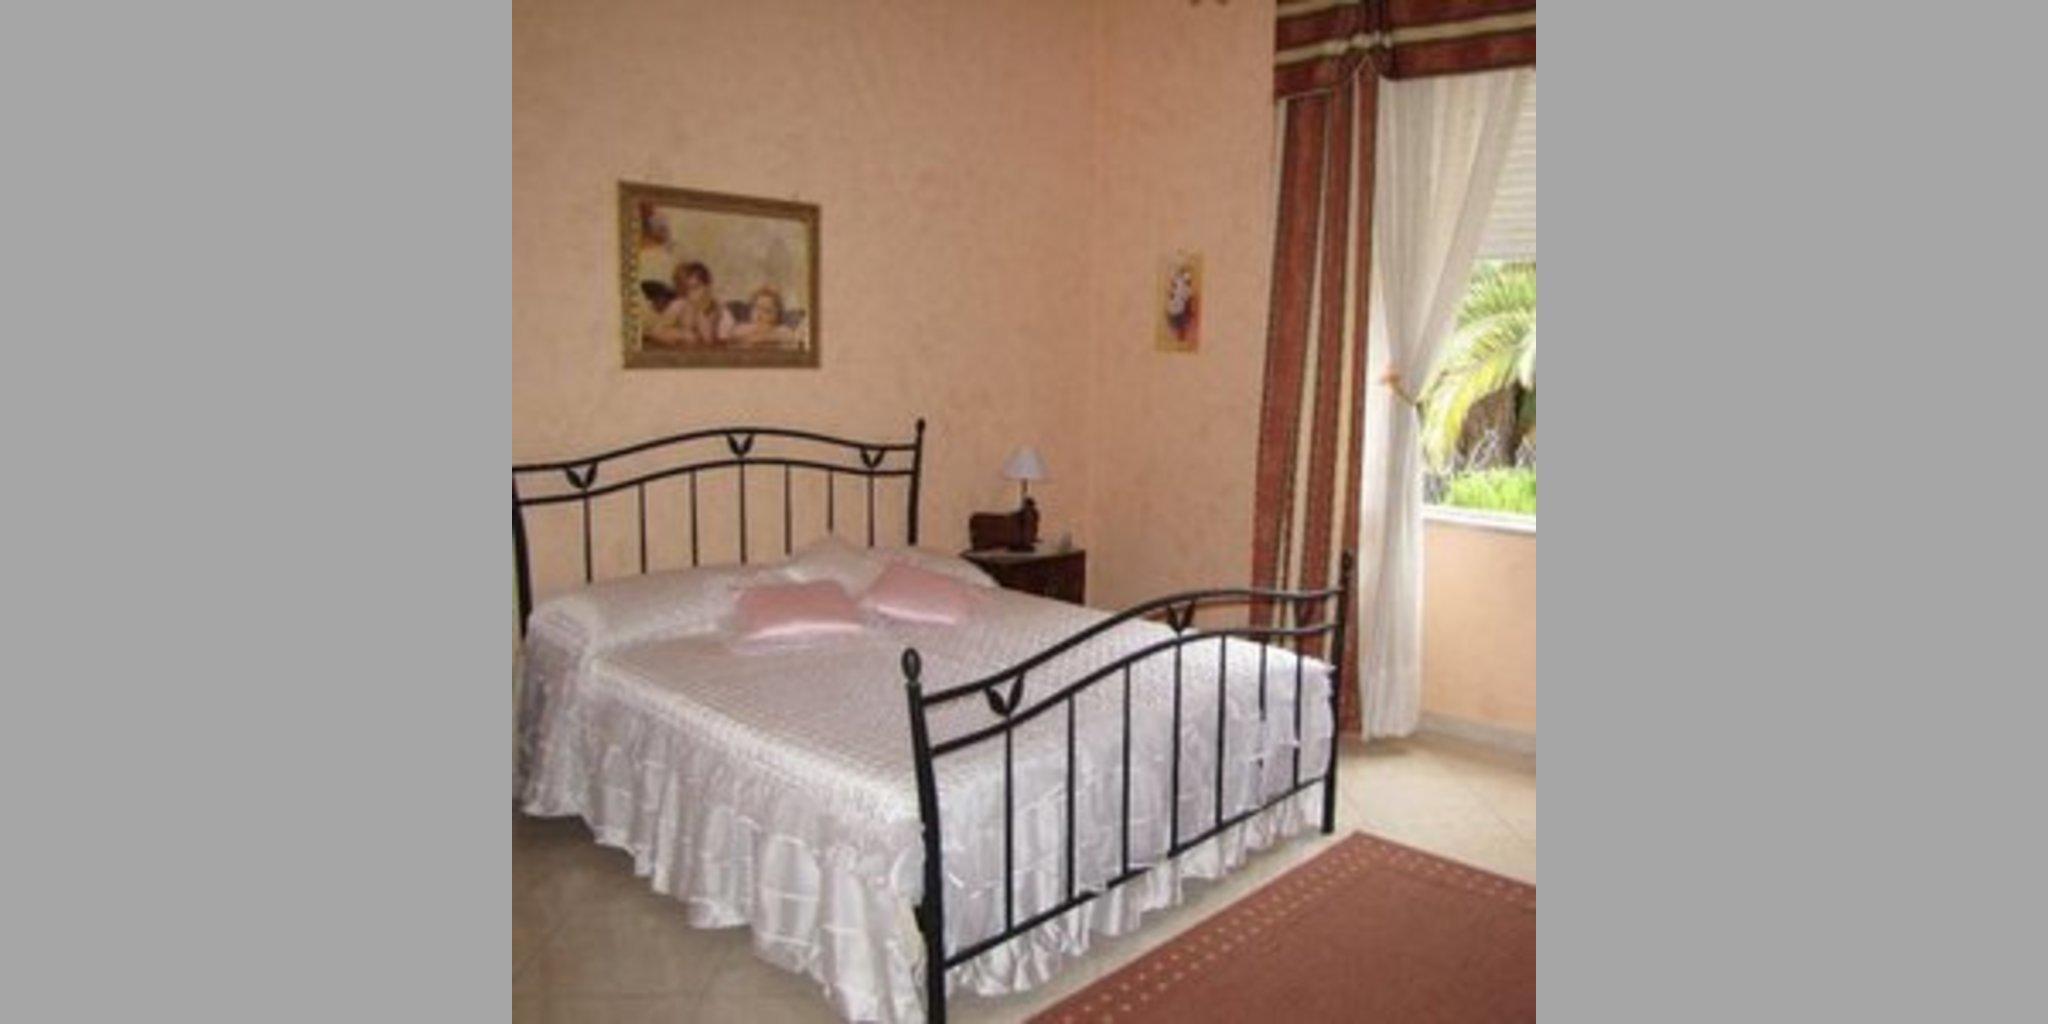 Bed & Breakfast Santa Venerina - Santa Venerina